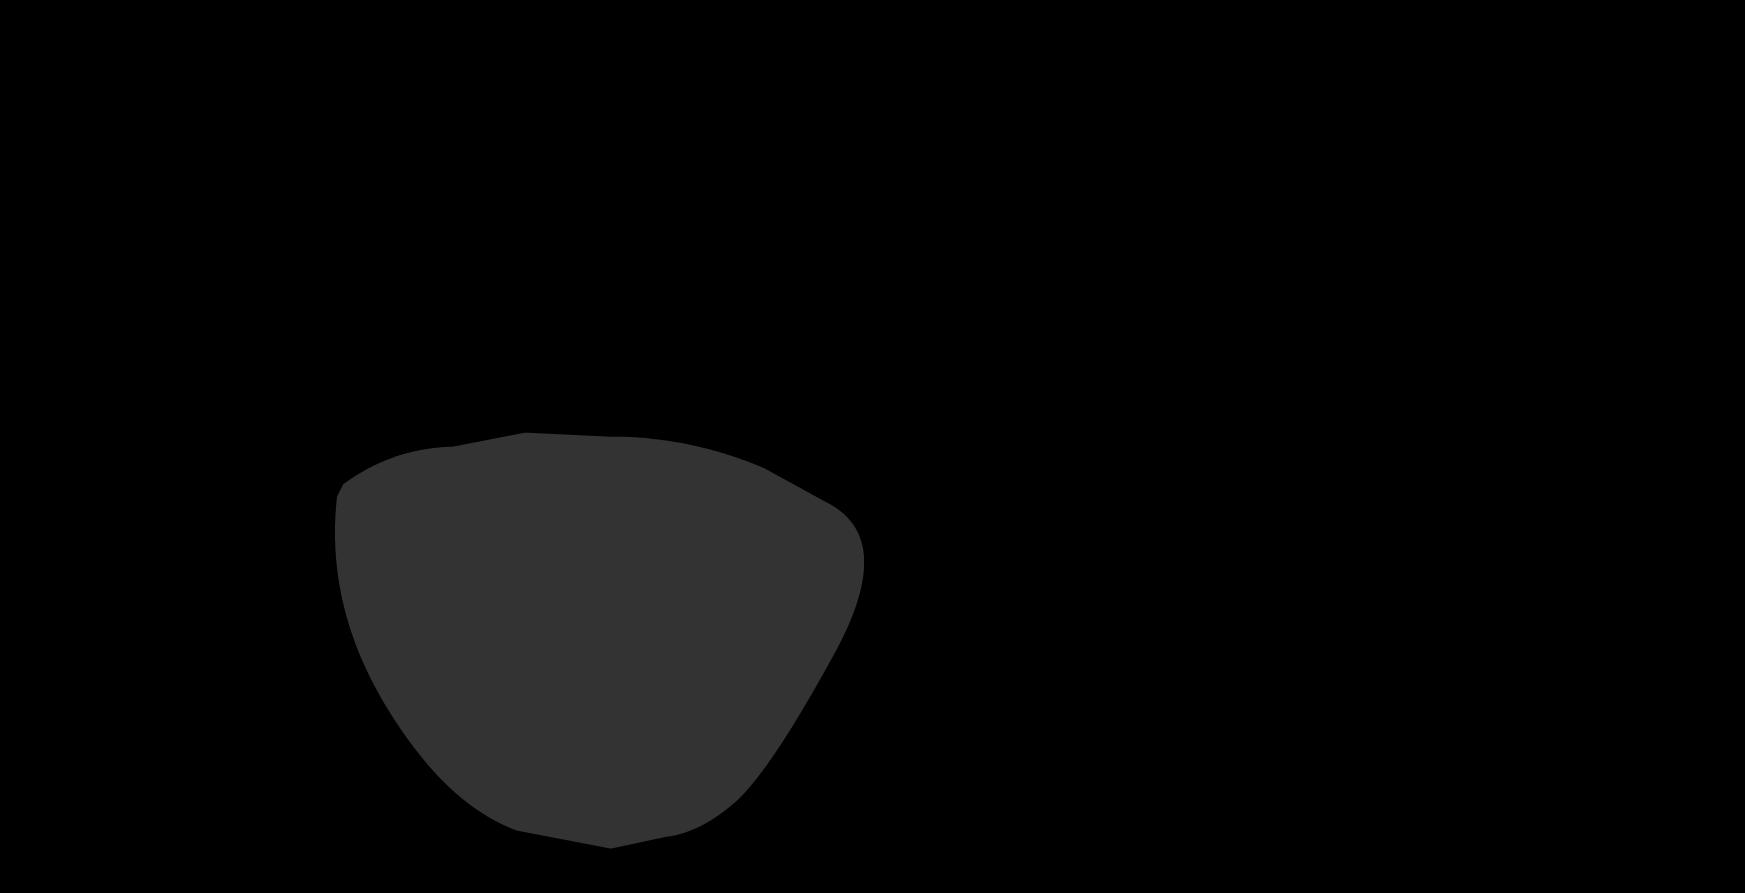 1745 x 893 png 32kBEyepatch